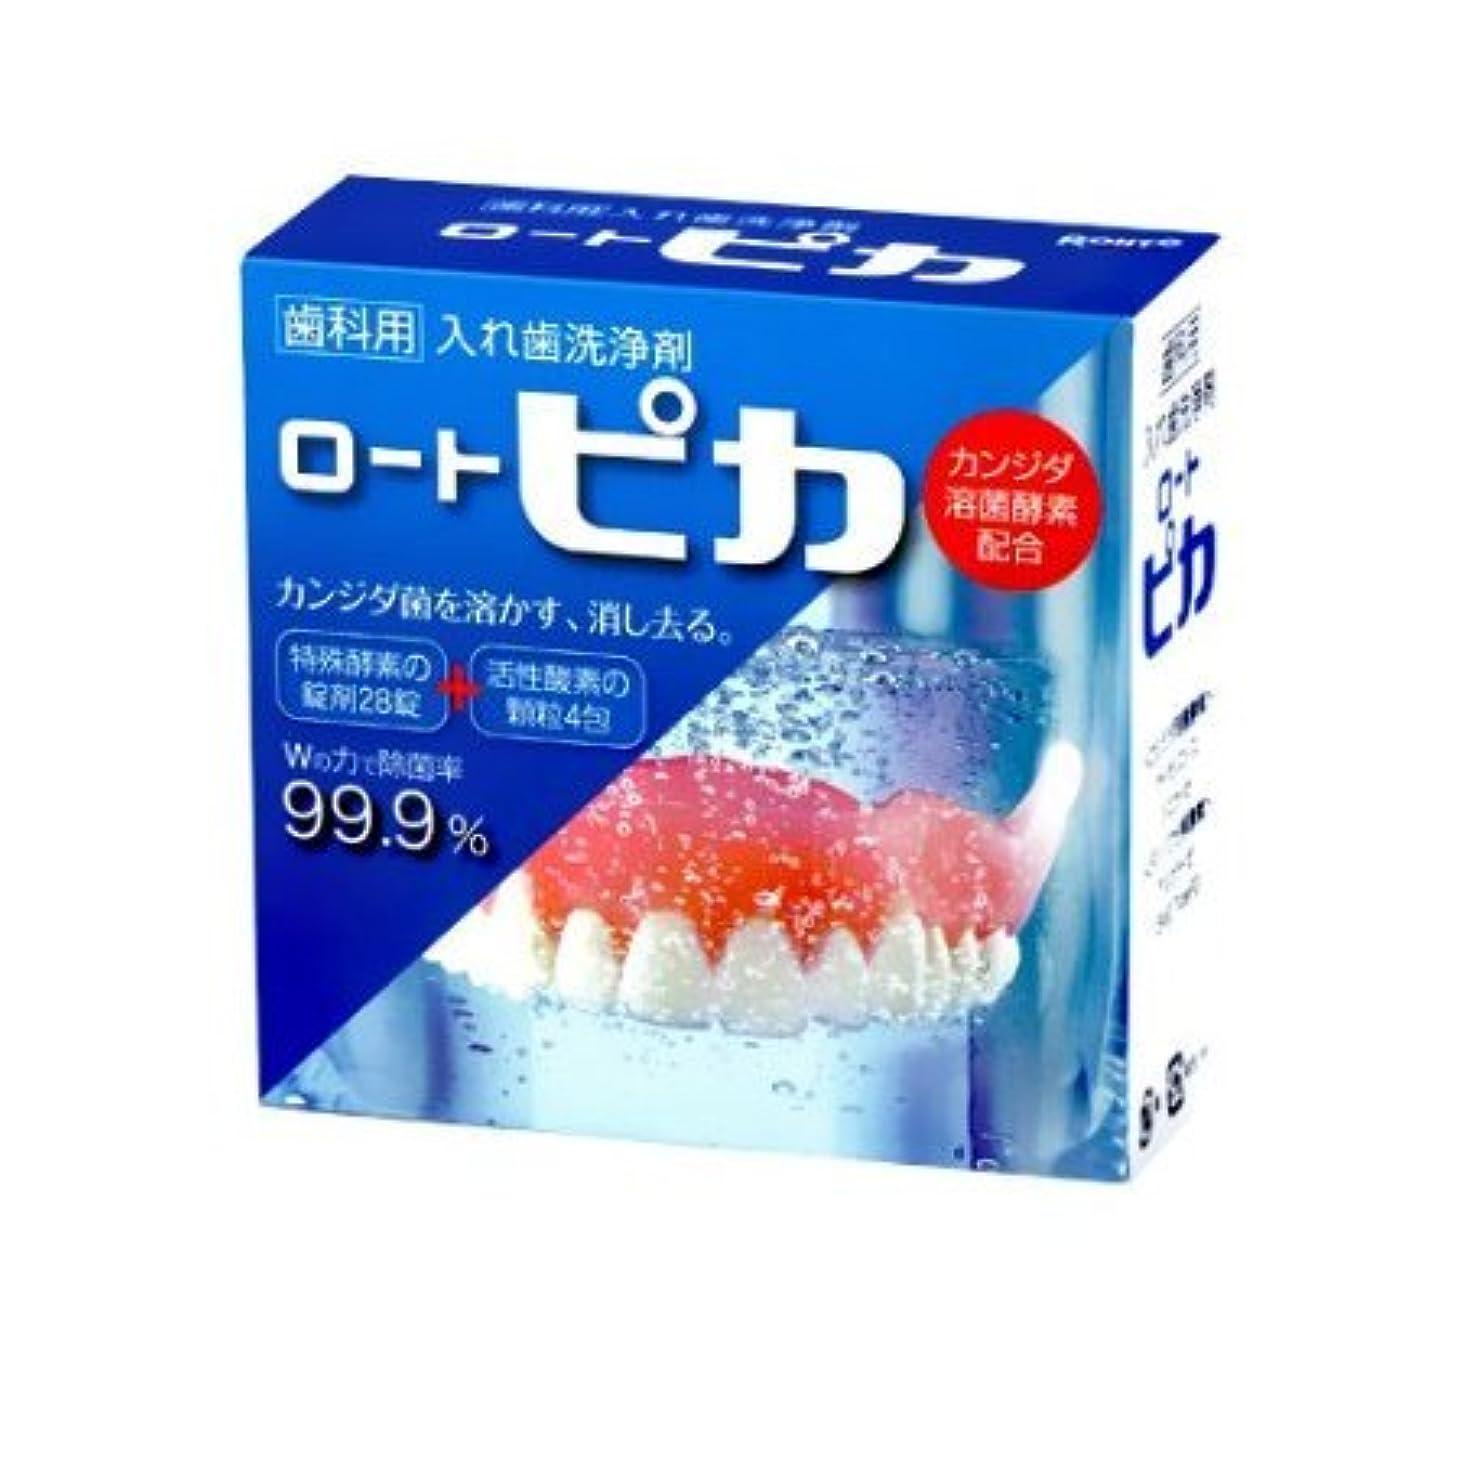 重大記憶に残る失礼入れ歯洗浄剤 ピカ カンジダ菌を溶菌除去!